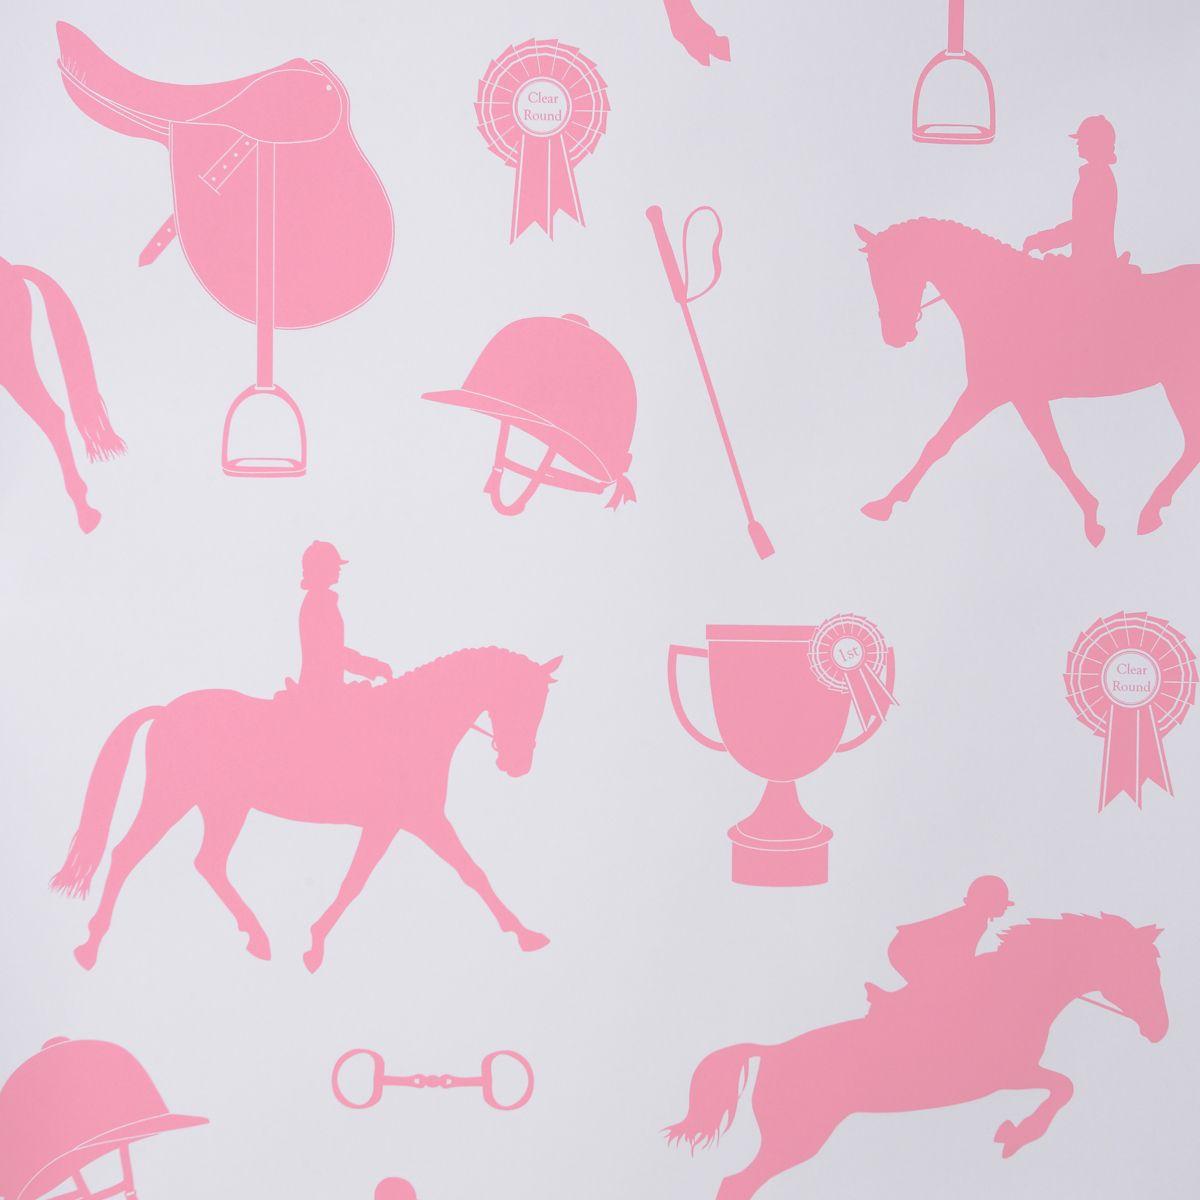 Fantastic Wallpaper Horse Pink - 60ca42bd9f788bb0bfba2c00fab0fce6  You Should Have_644976.jpg